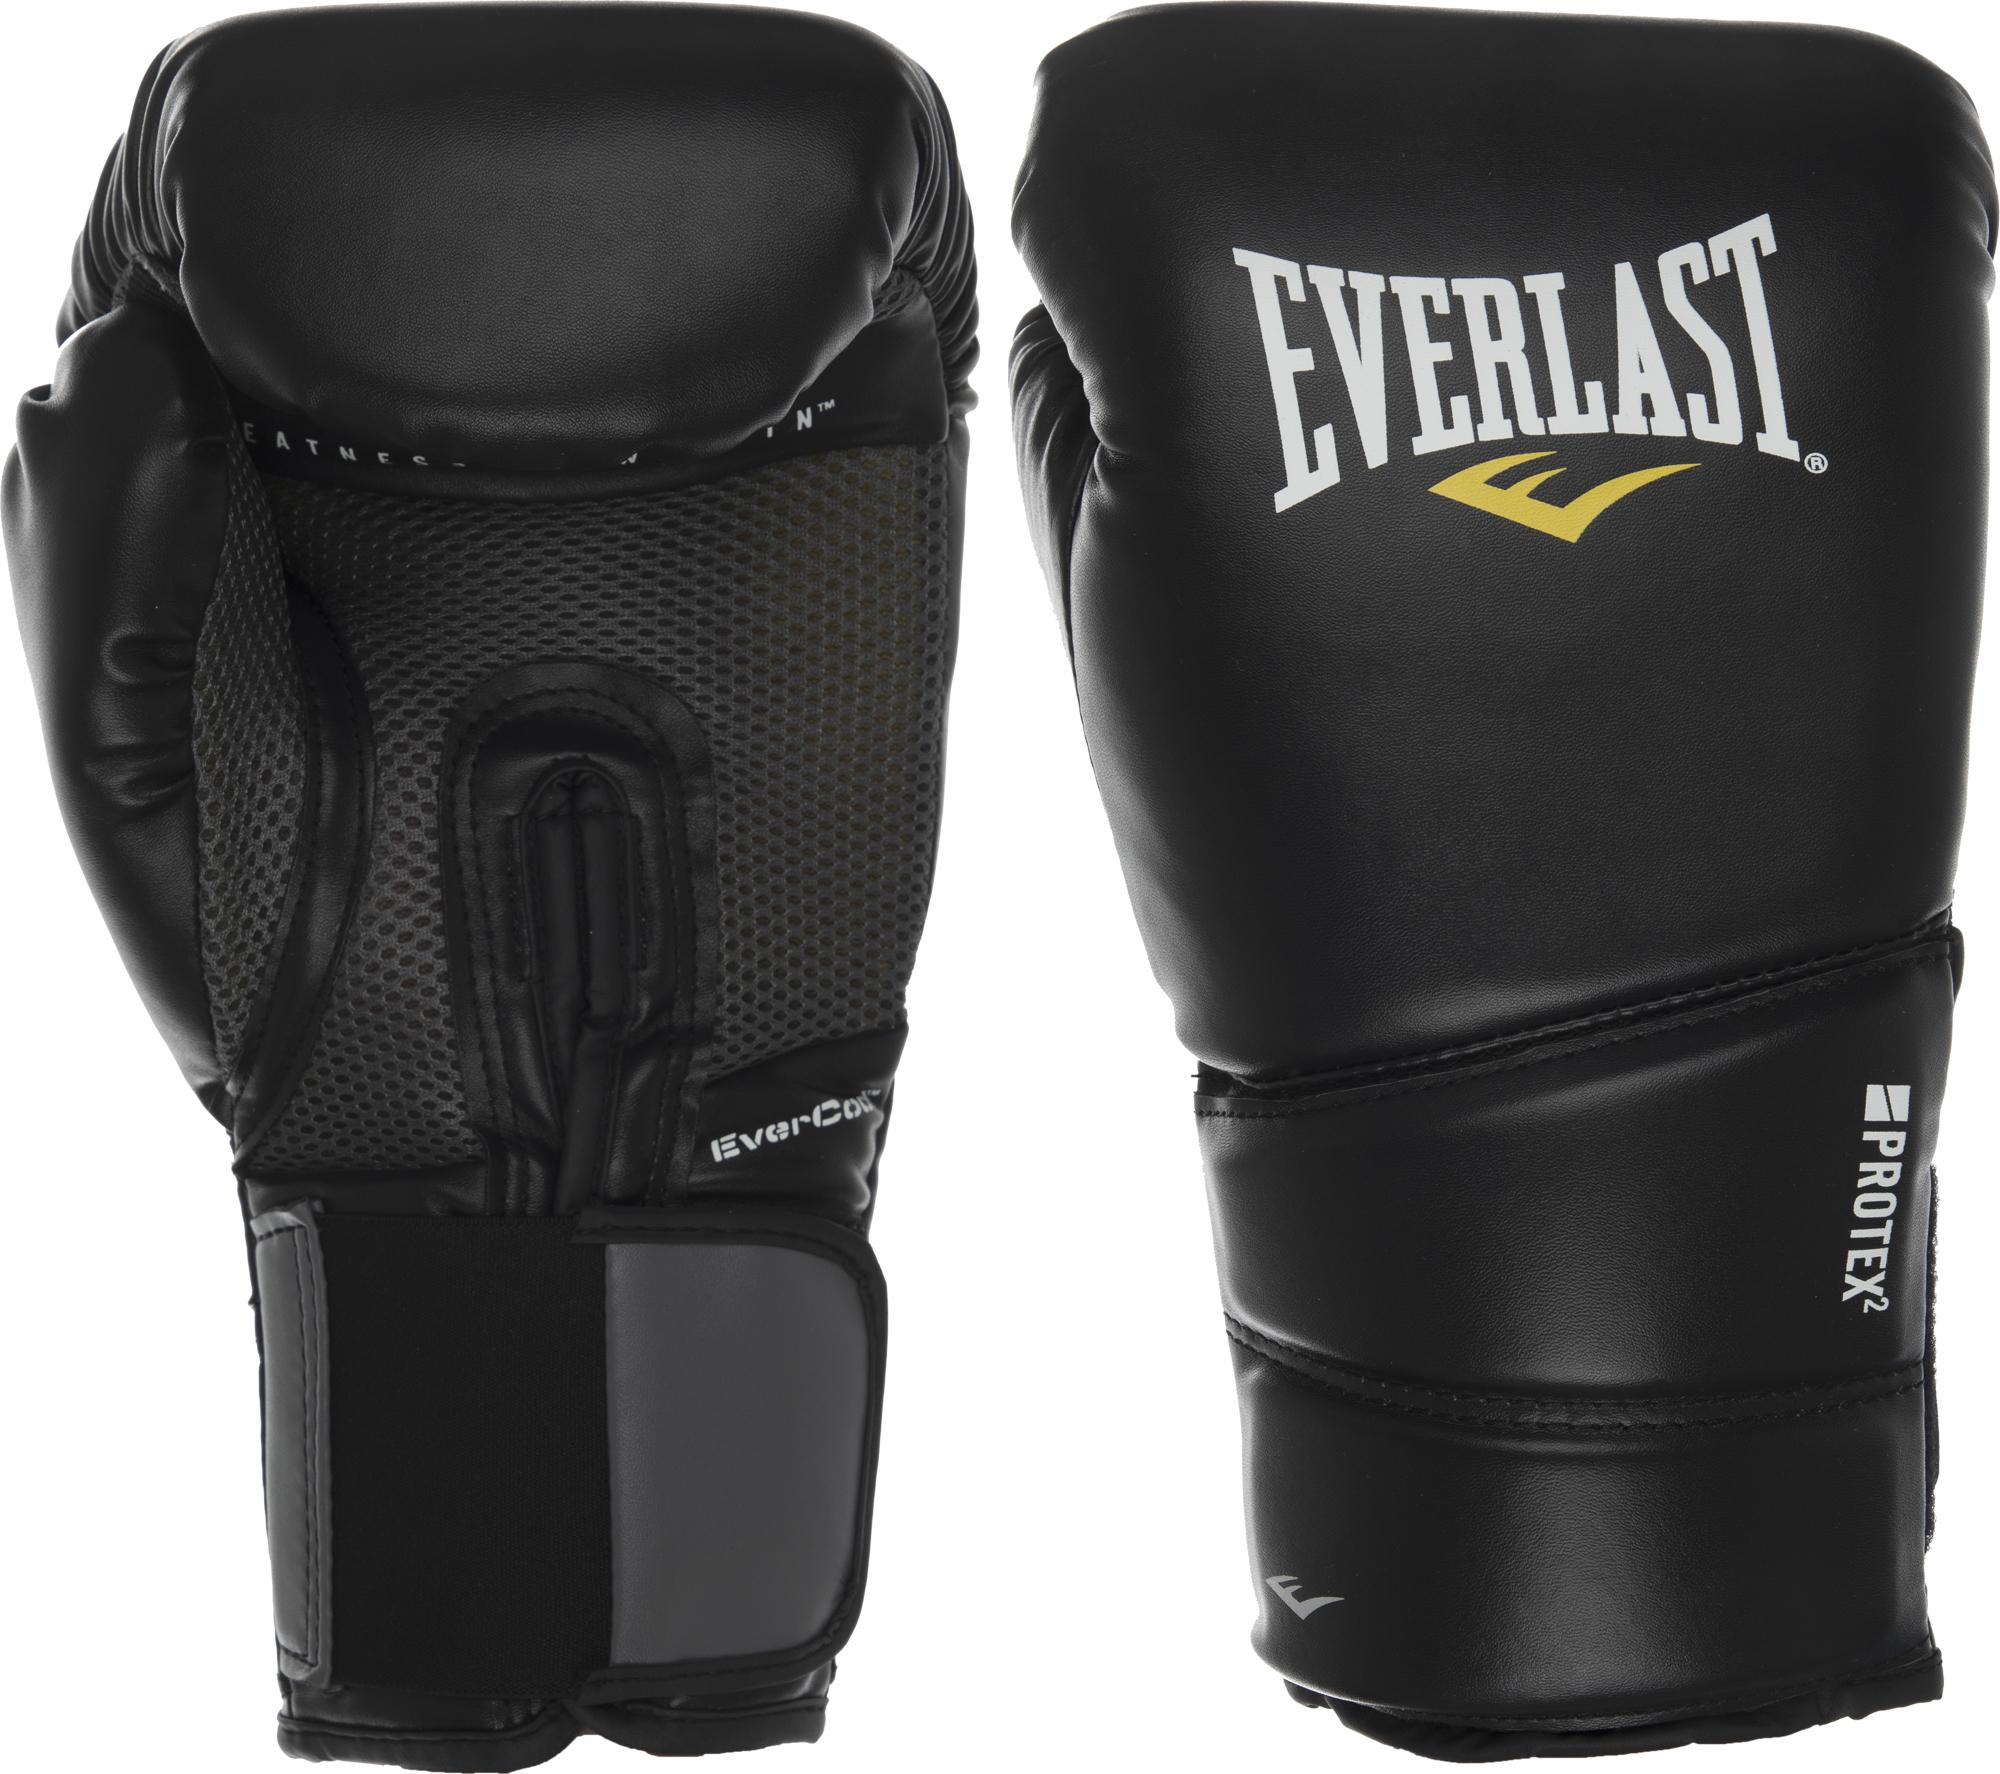 Everlast Перчатки боксерские Everlast, размер 16 oz боксерские перчатки venum challenger 2 0 черный красный вес 16 унций